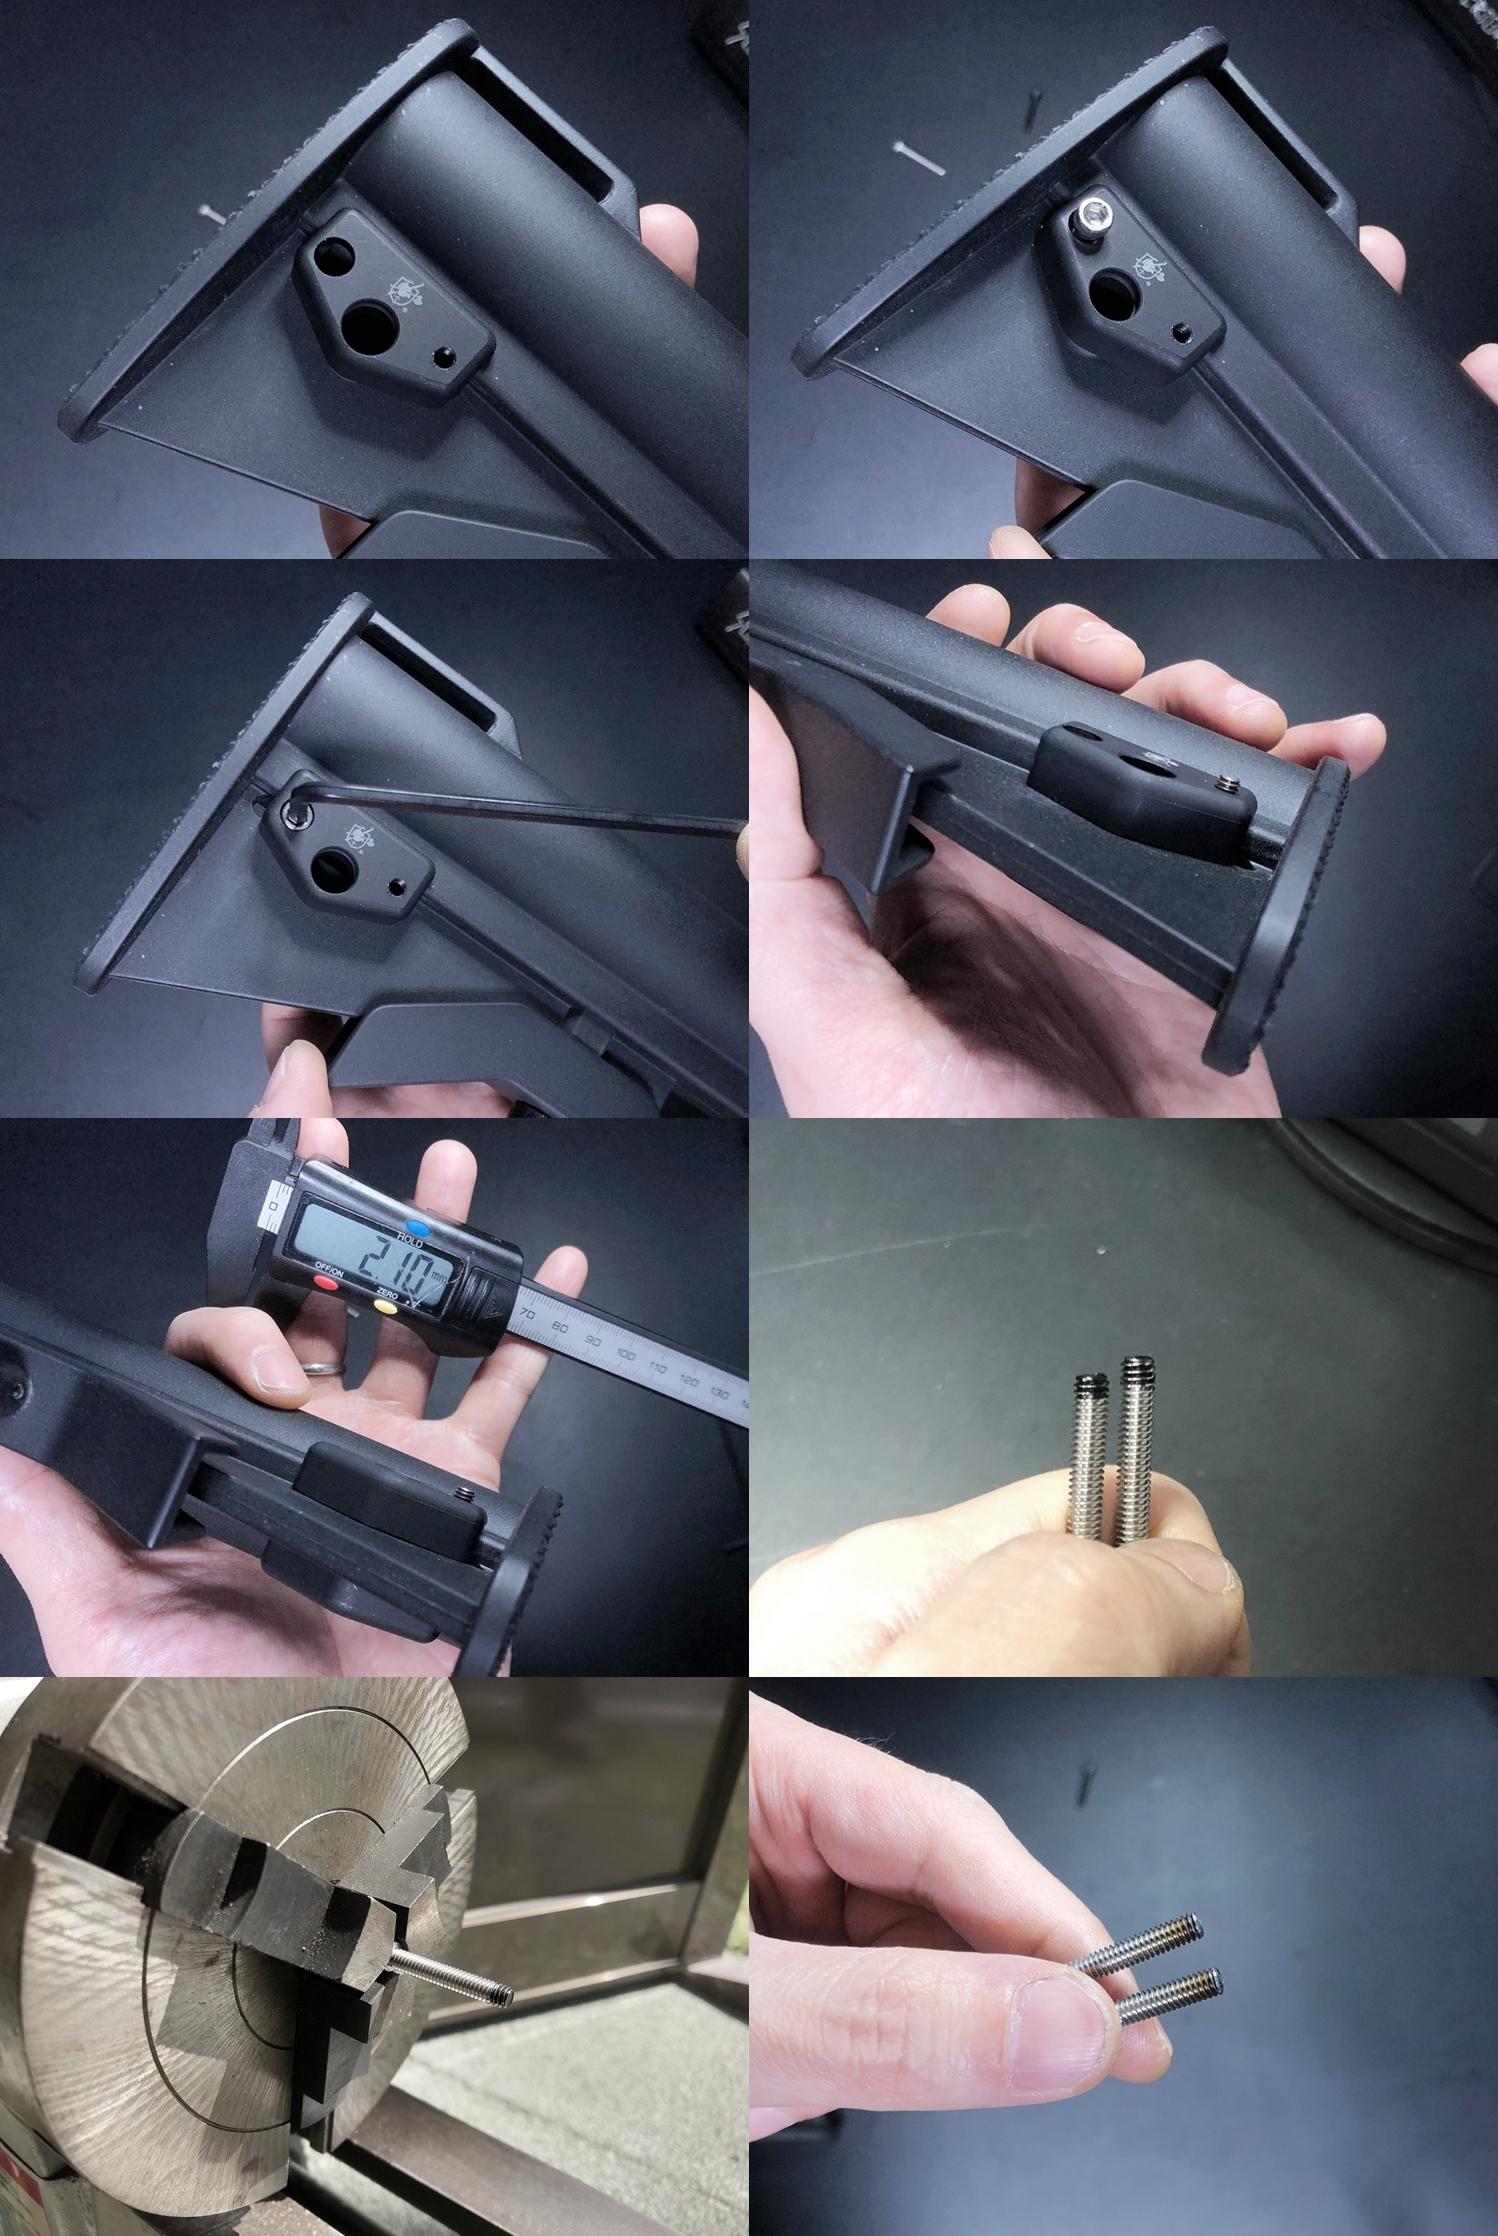 17 実物 Knight's Armament M4 Carbine Buttstock QD Sling Mount Kit & JOHN MASEN DELTA PAD & REMAKE M733 COMMANDOS STOCK!! DIY NOVESKE PIG!! KAC ナイツ QD デルタパッド!! 購入 取付 カスタム レビュー!!